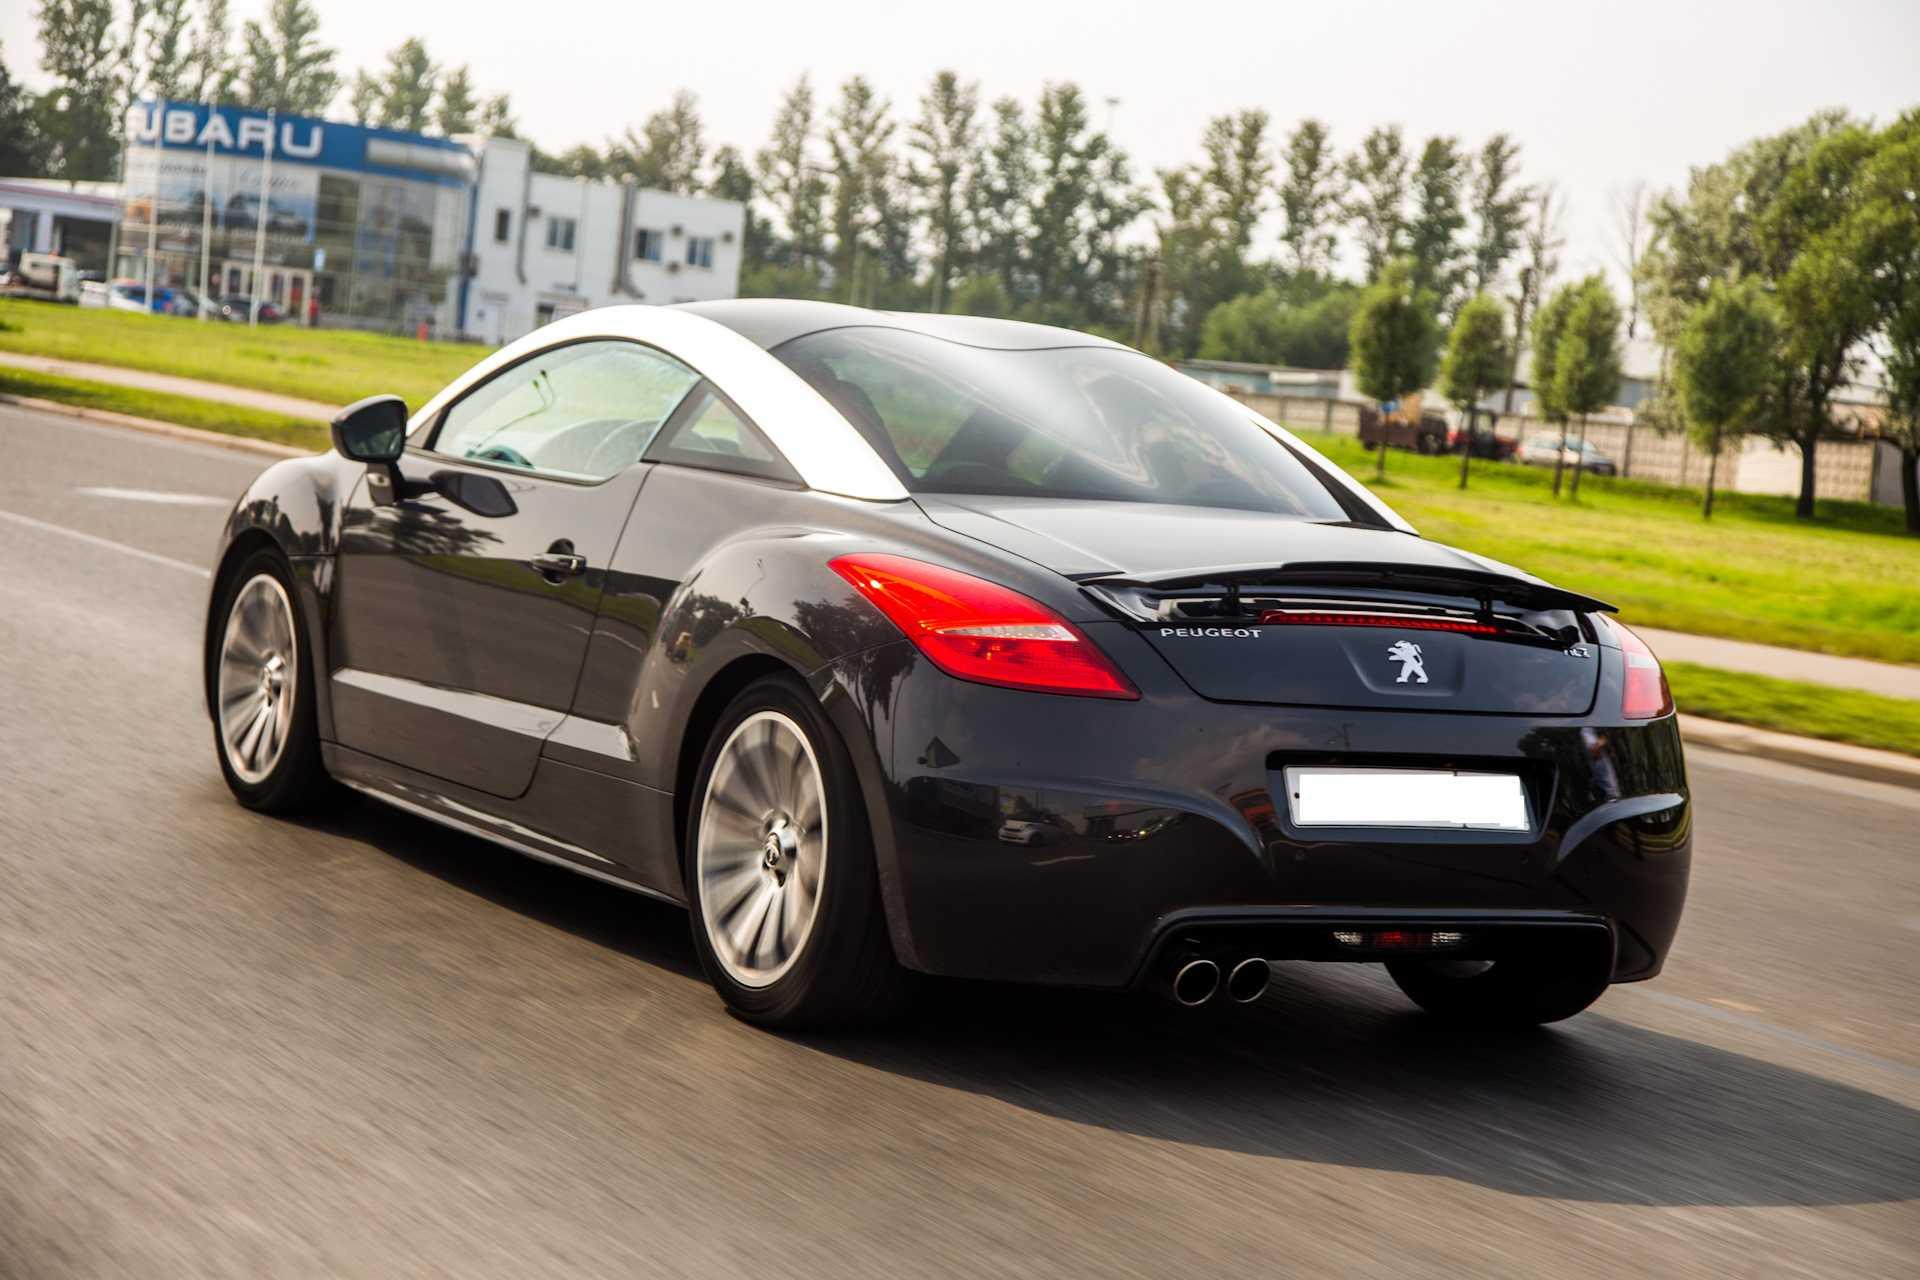 Начало производства Peugeot RCZ комплектации и характеристики автомобиля отзывы владельцев фото видео